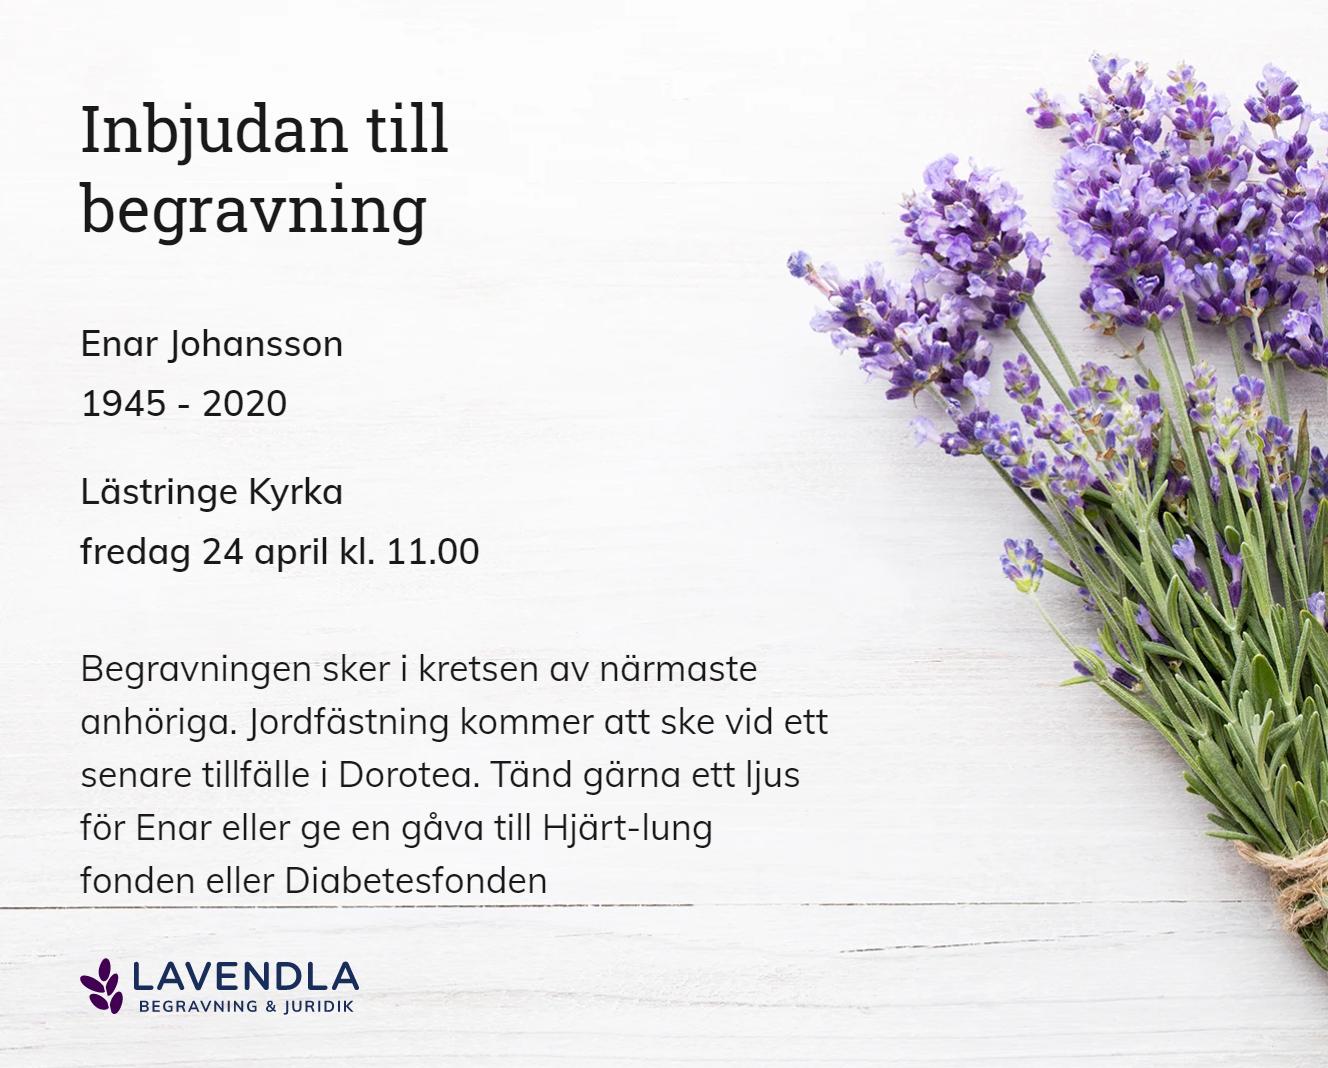 Inbjudningskort till ceremonin för Enar Johansson